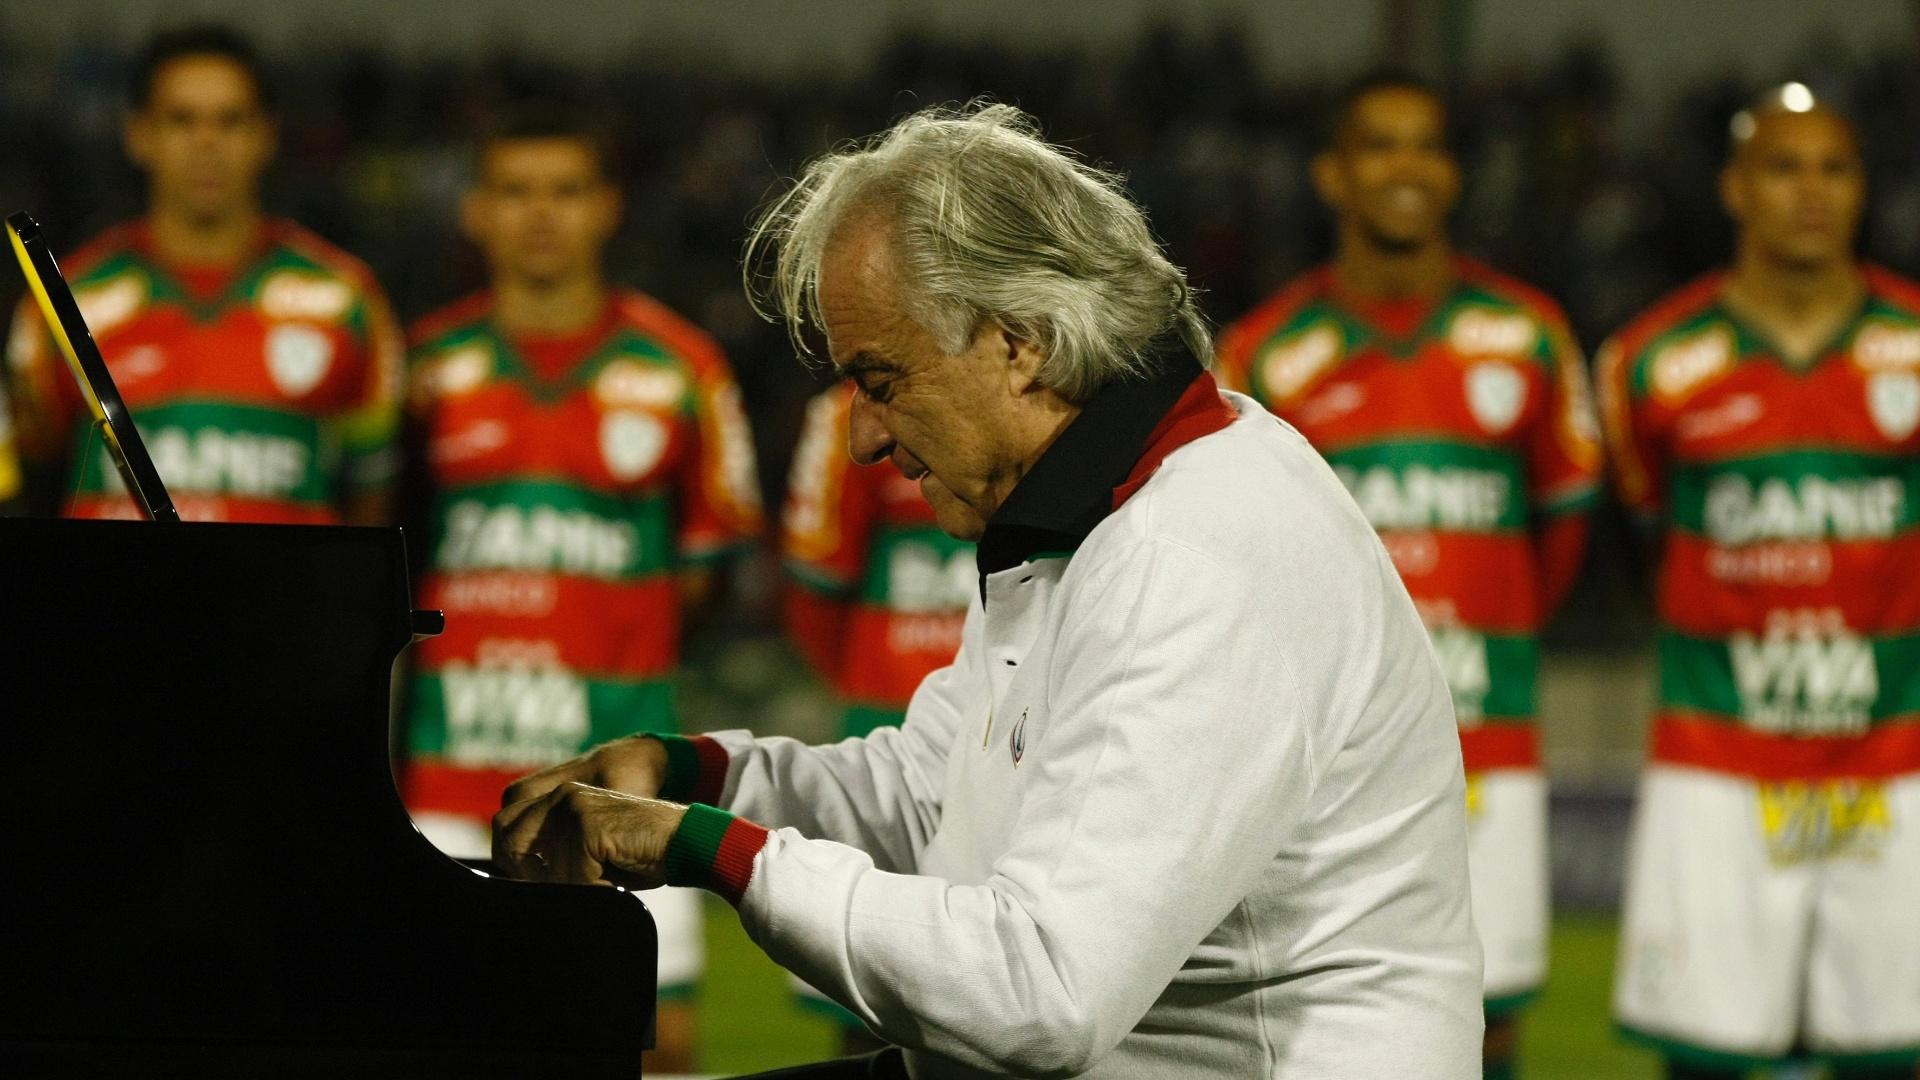 O maestro João Carlos Martins toca o hino nacional antes da partida entre Portuguesa e Duque de Caxias